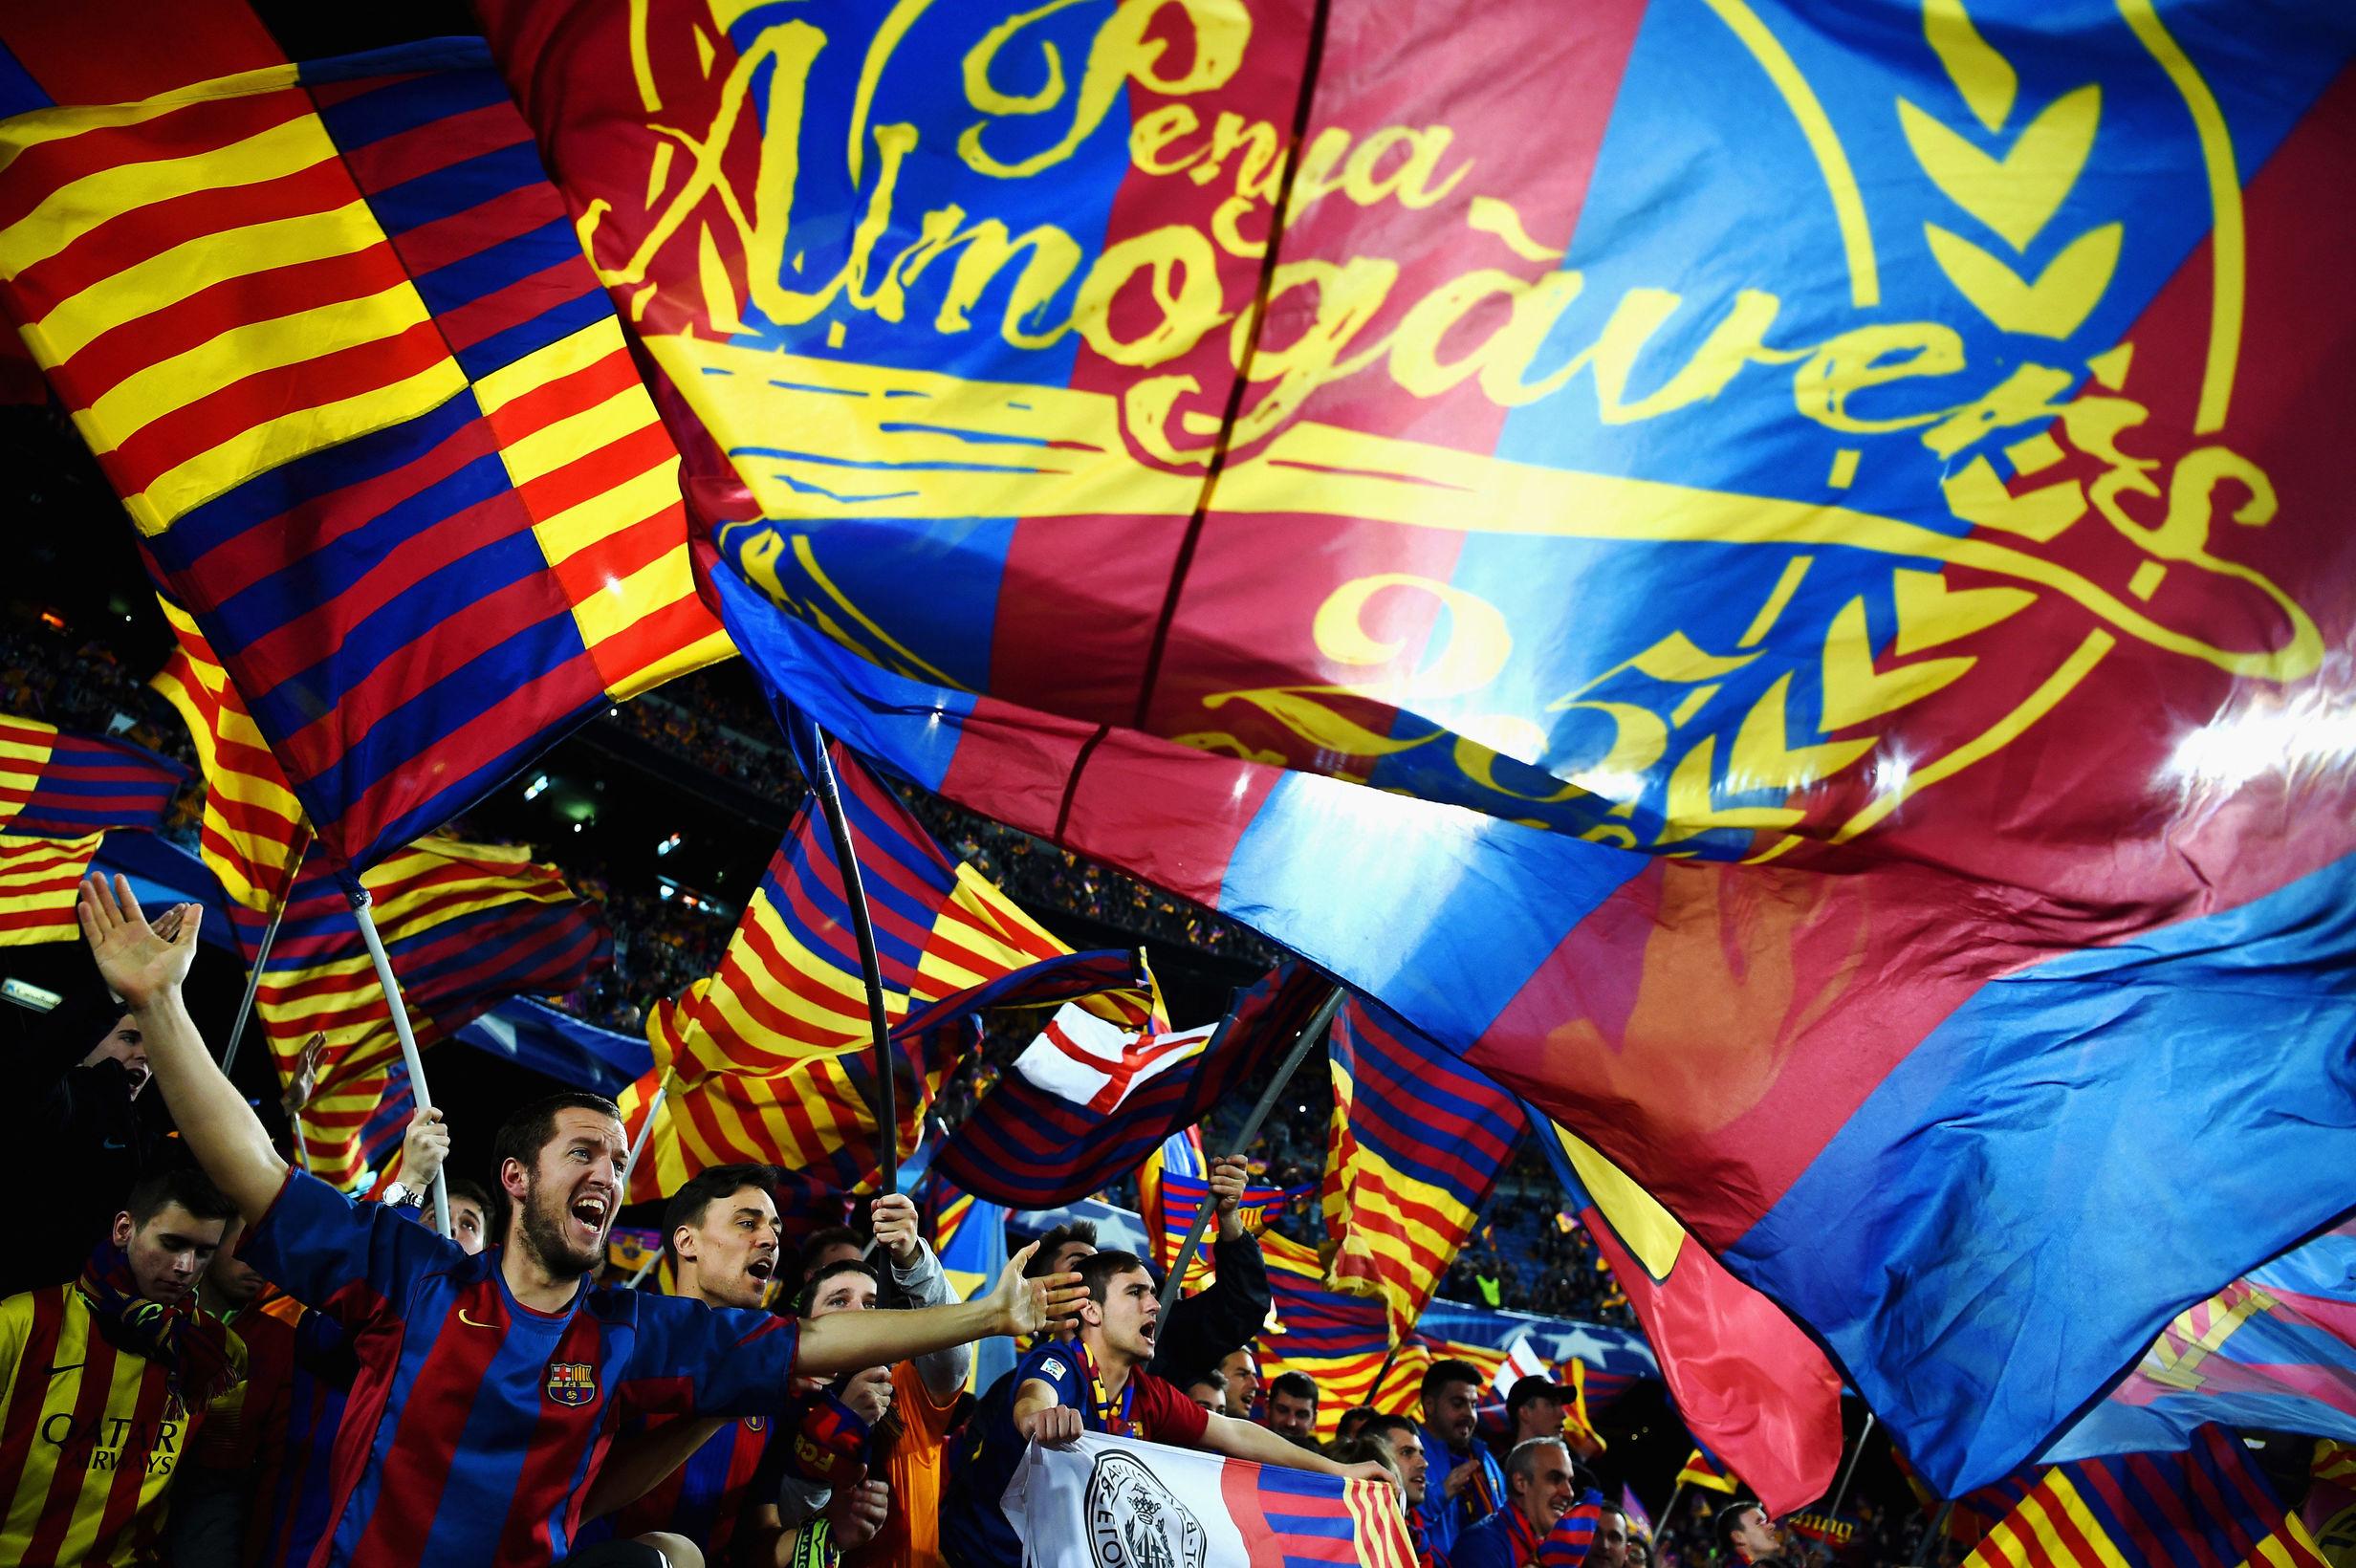 Самые неудачные сезоны в истории Барселоны - было такое, что даже бились за сохранение прописки в Примере - изображение 1